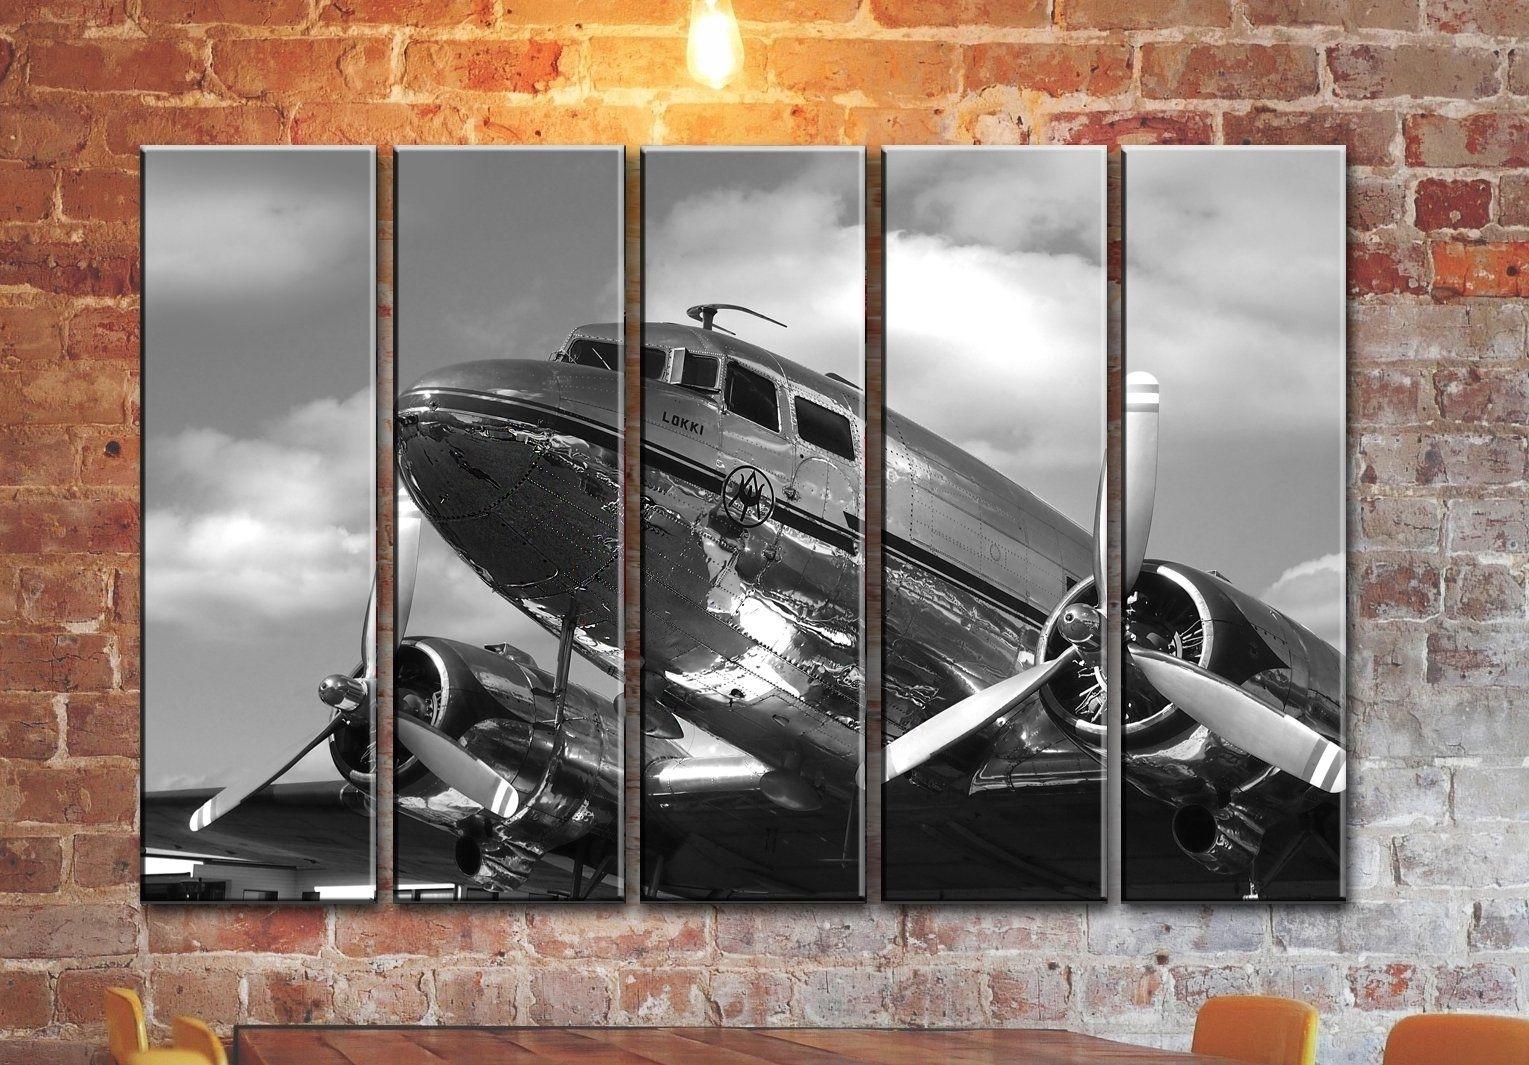 Big Set Airplane Canvas Wall Art / Aircraft Canvas Wall Art intended for Aviation Wall Art (Image 10 of 20)